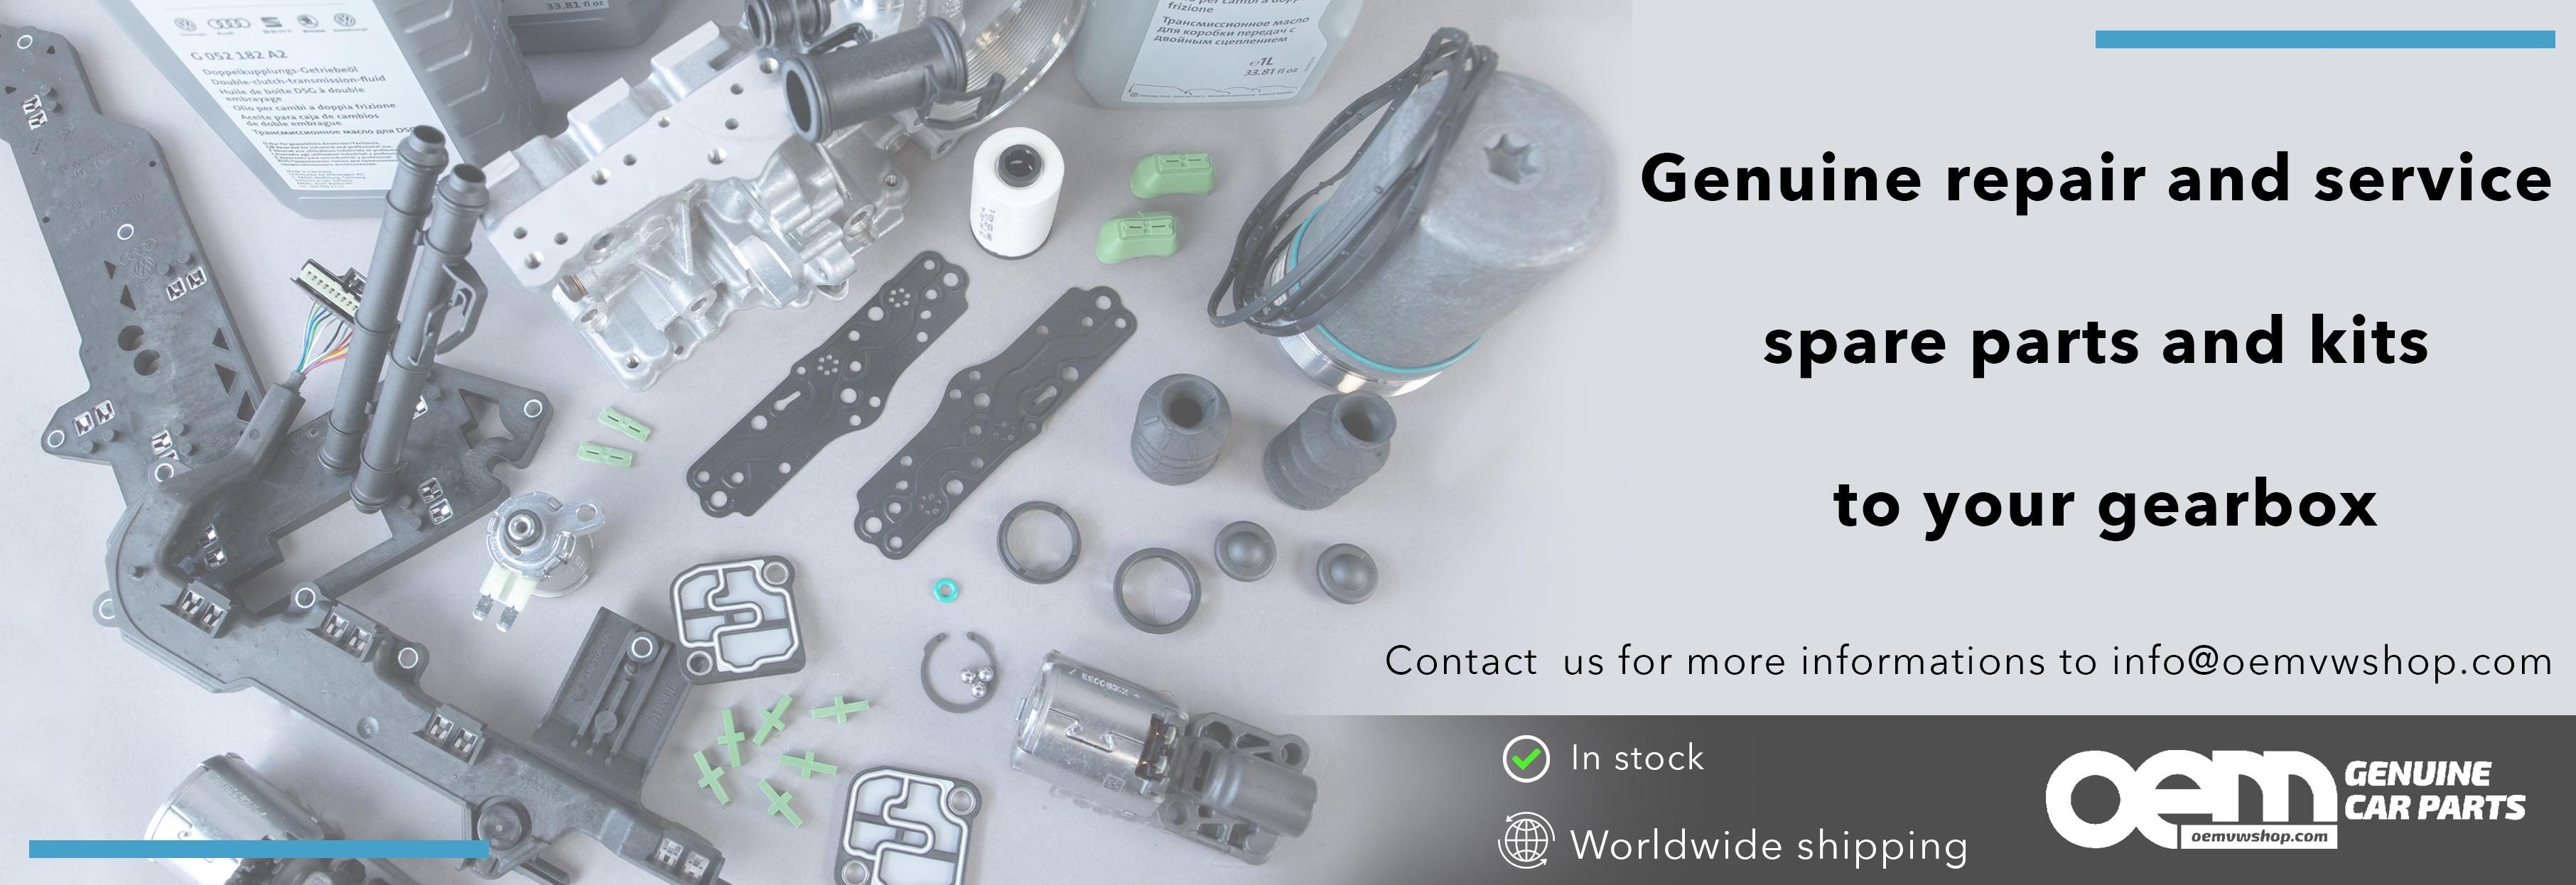 Genuine repair kits